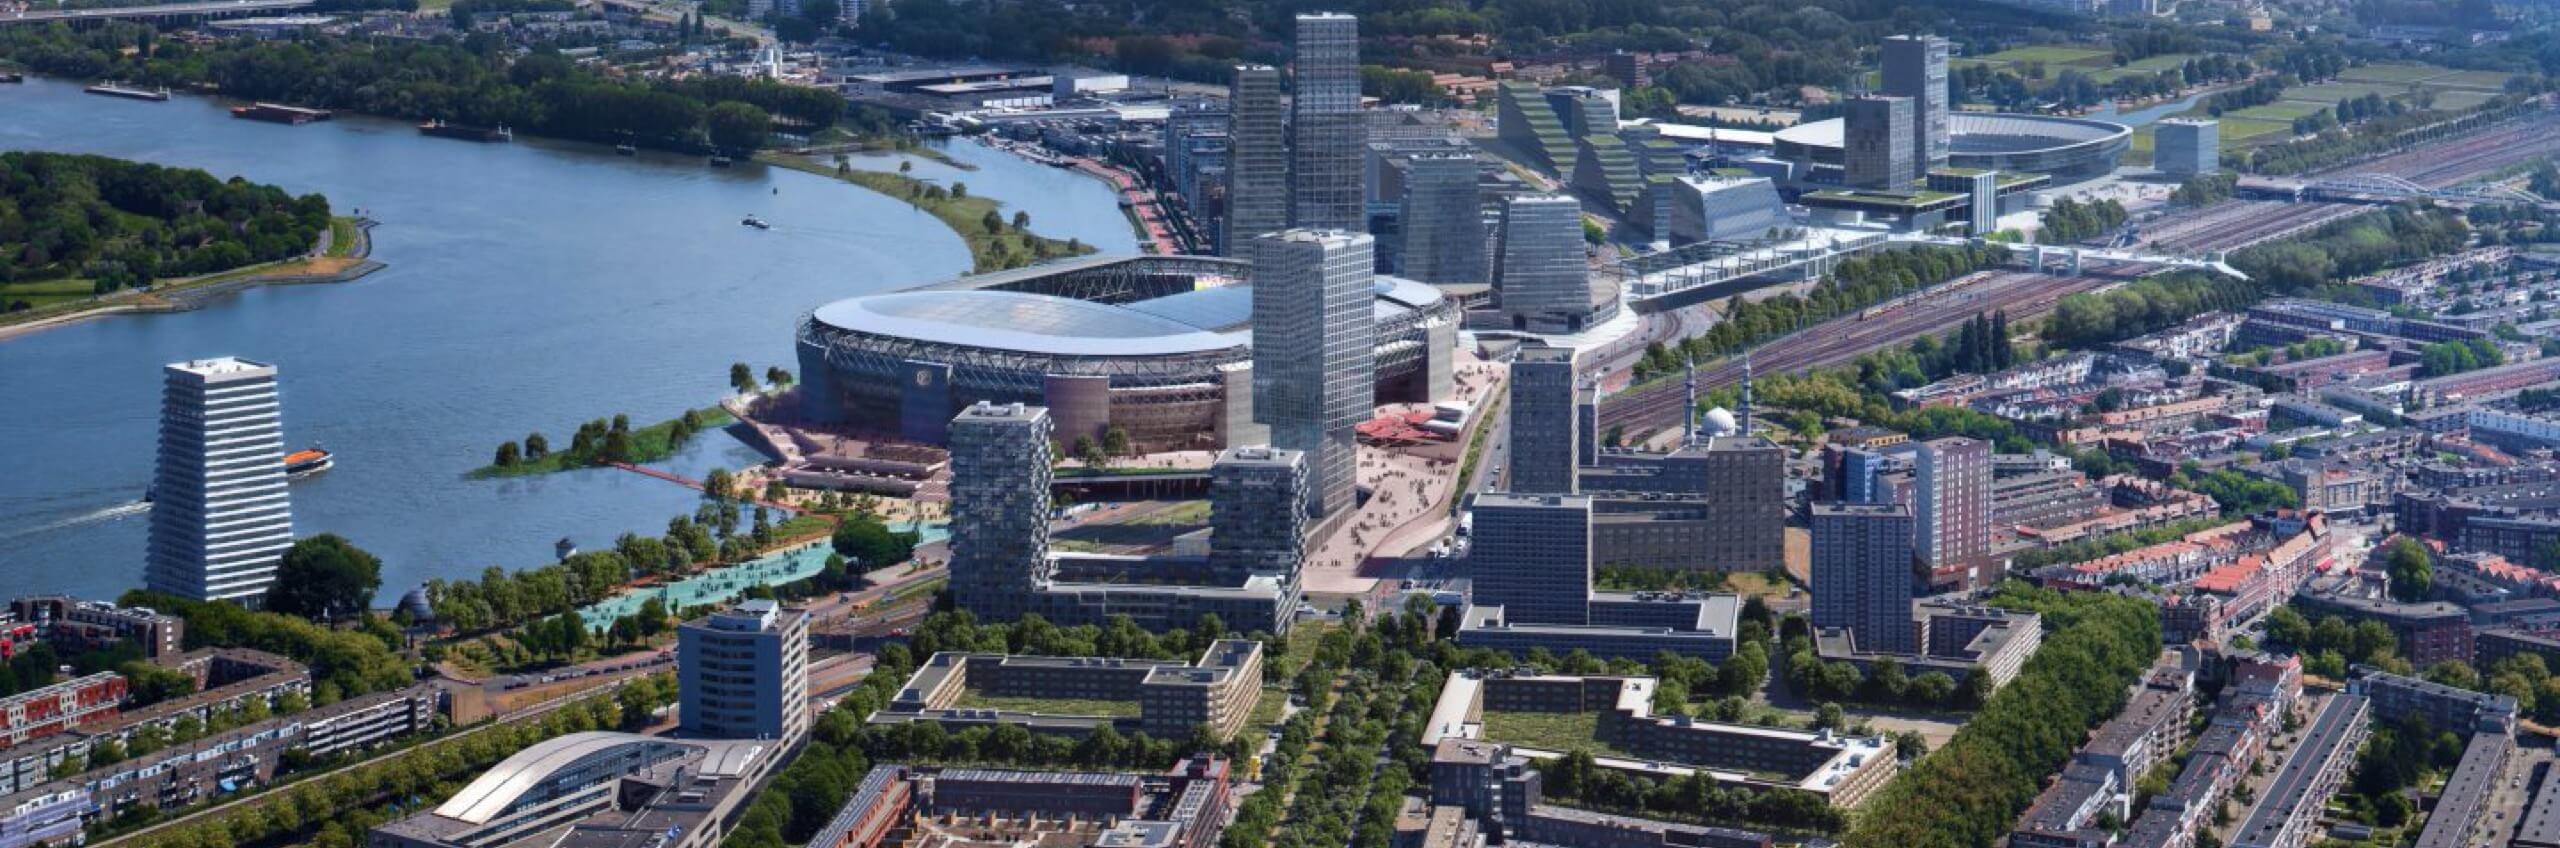 Gemeenteraad neemt bestemmingsplan Feyenoord City aan